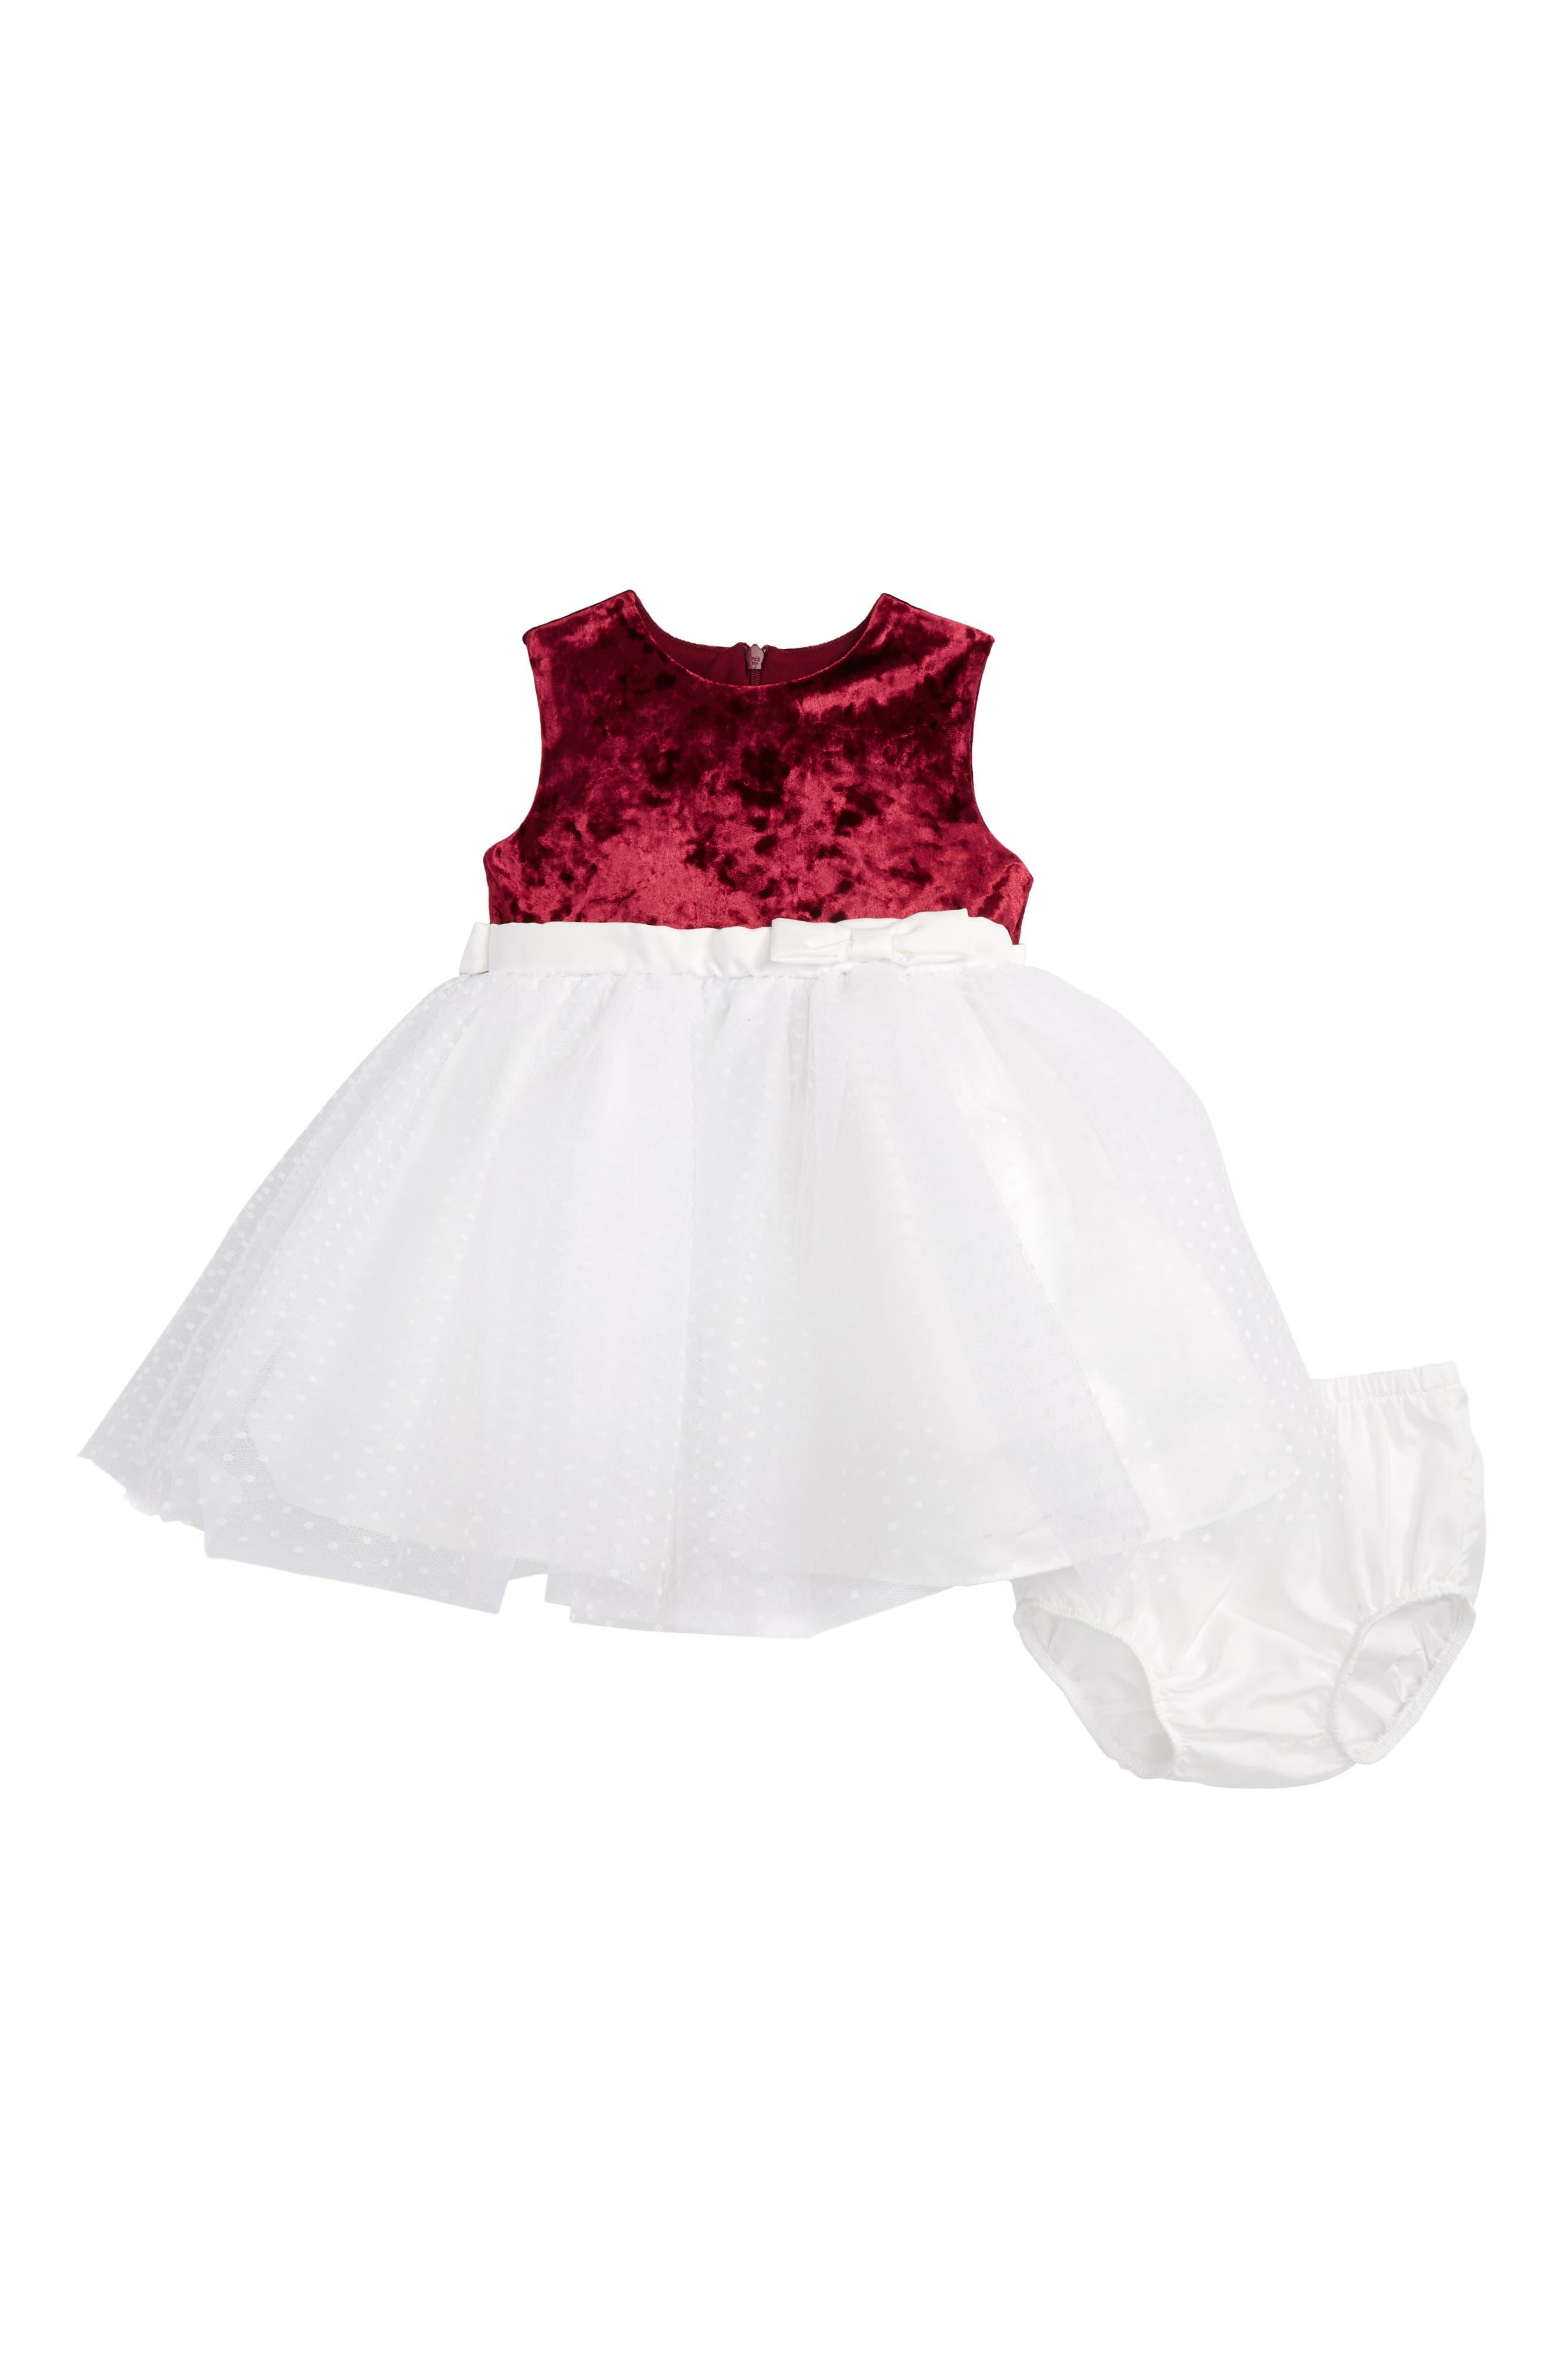 Velvet & Tulle Dress,                             Main thumbnail 1, color,                             657